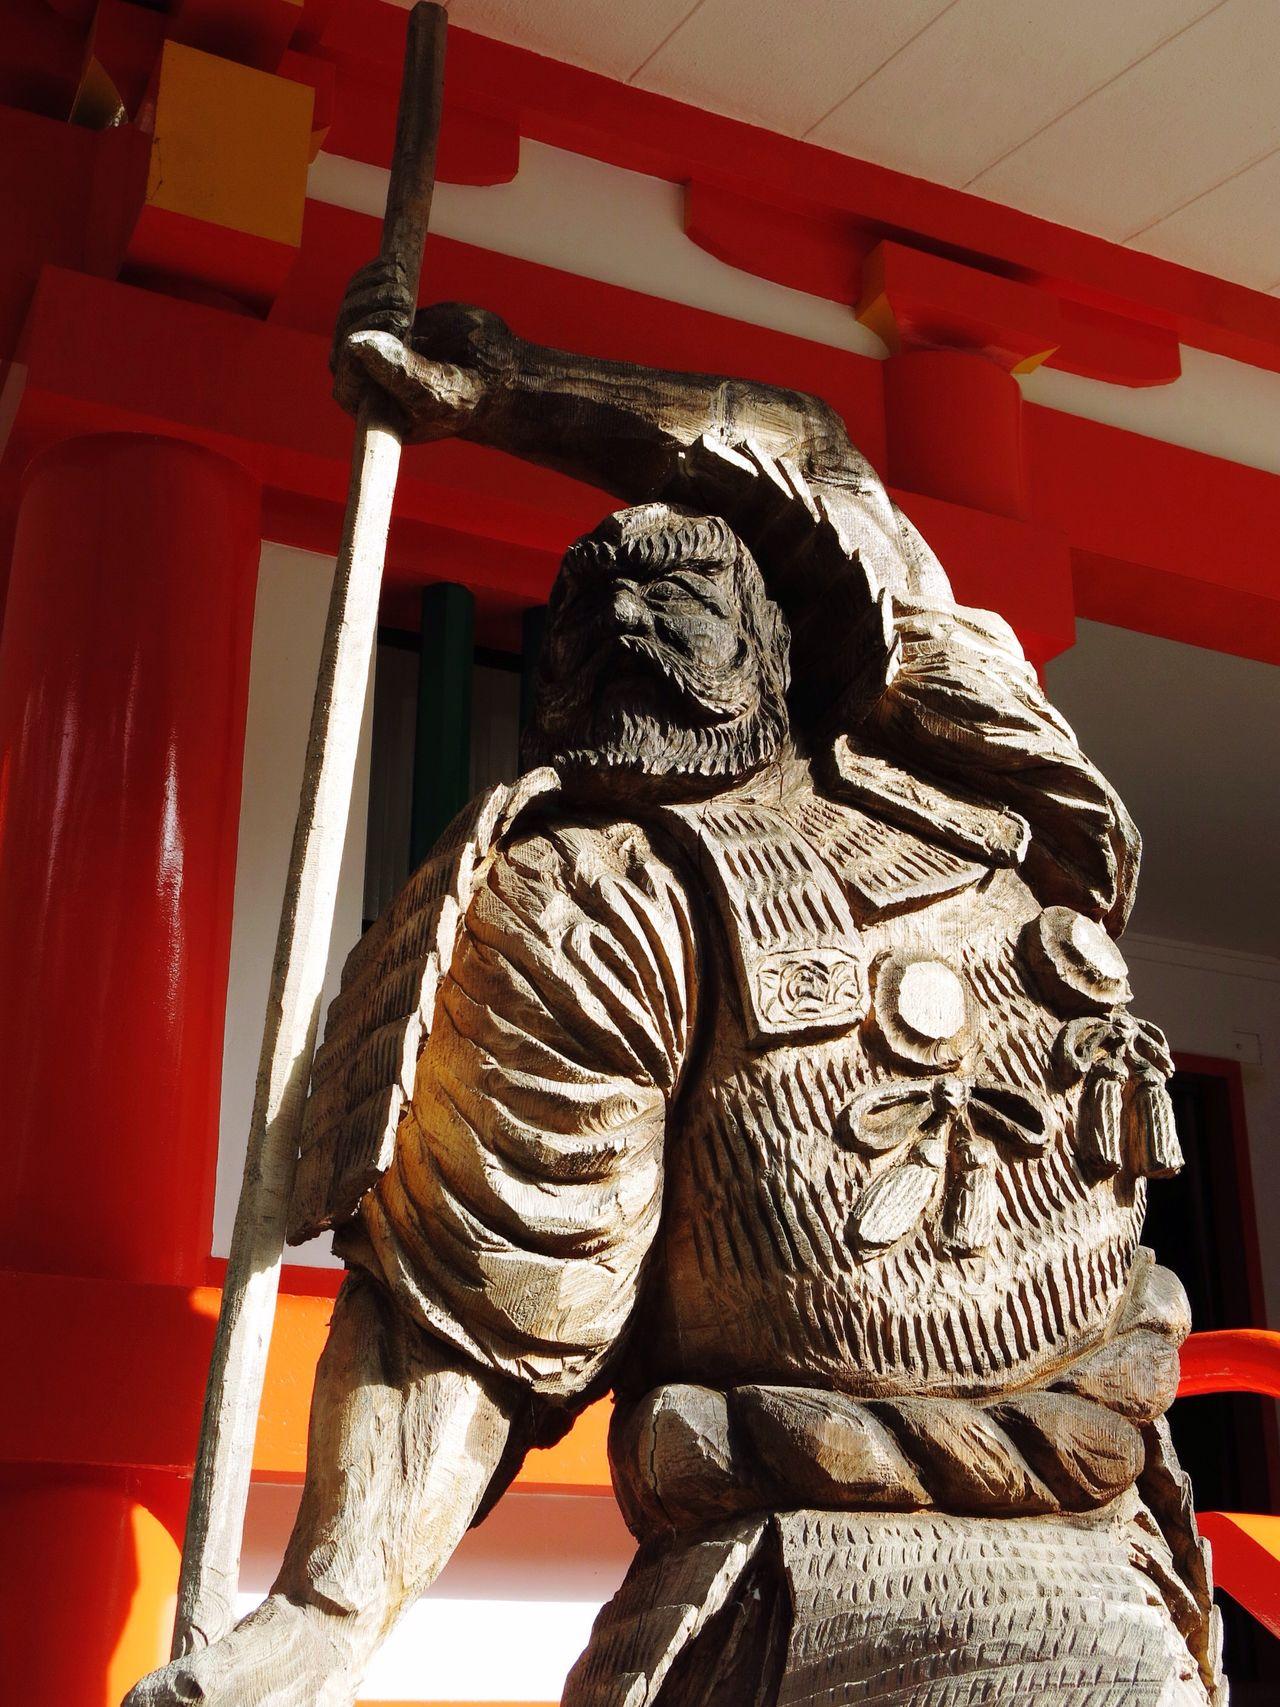 Shrine Shinto Shrine Hayatamataisya Wakayama Japan Benkei 武蔵坊弁慶 新宮 速玉大社